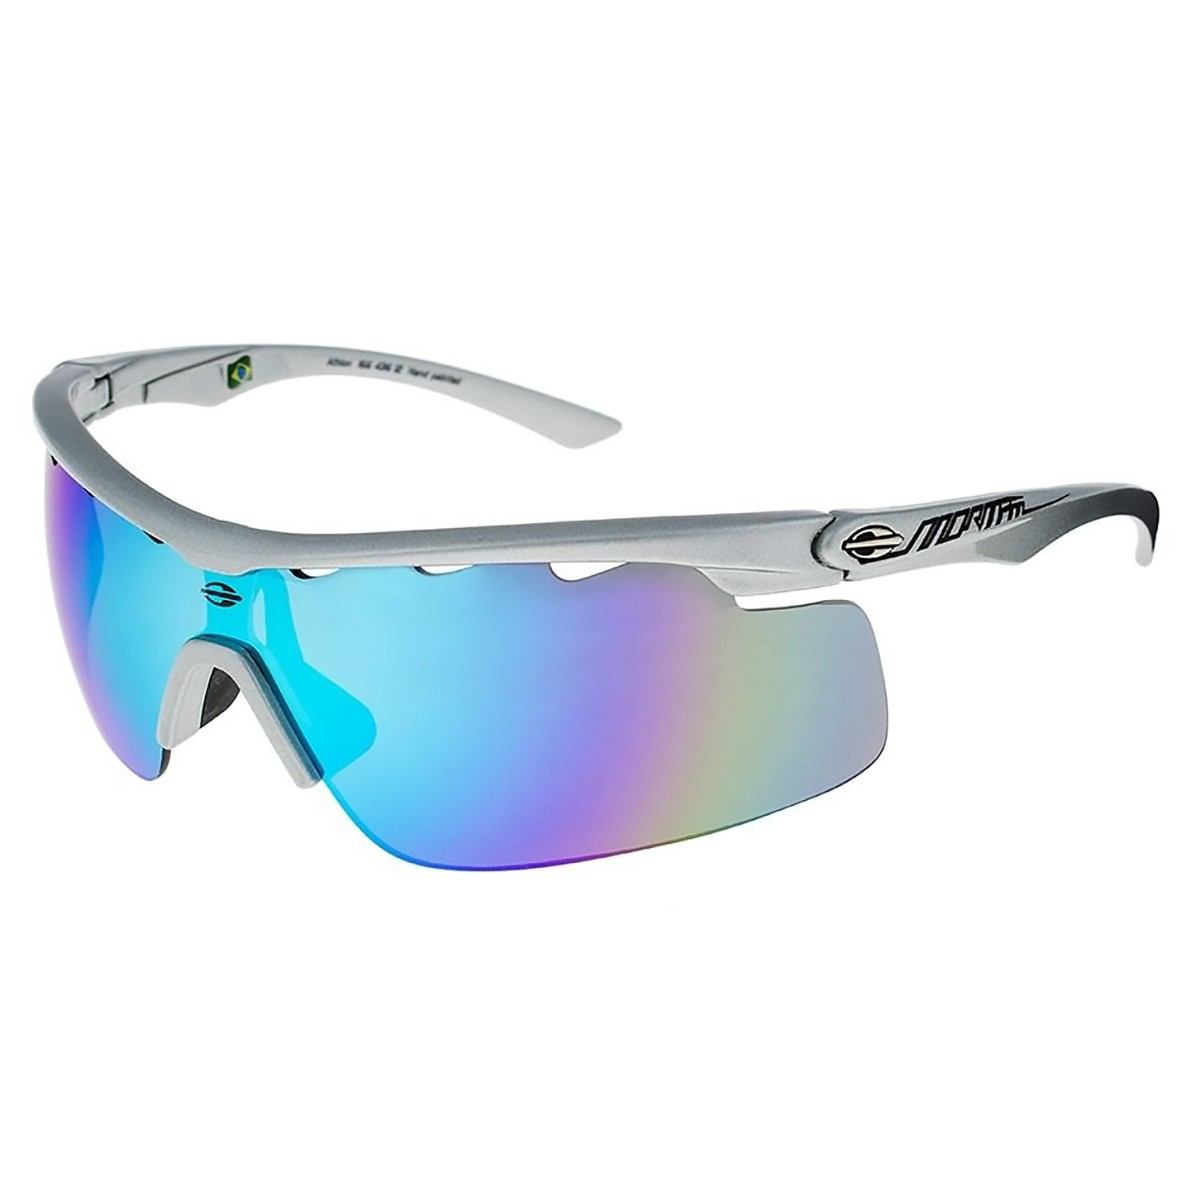 8208fdc9801ee Compre Óculos de Sol Mormaii Athlon em 10X